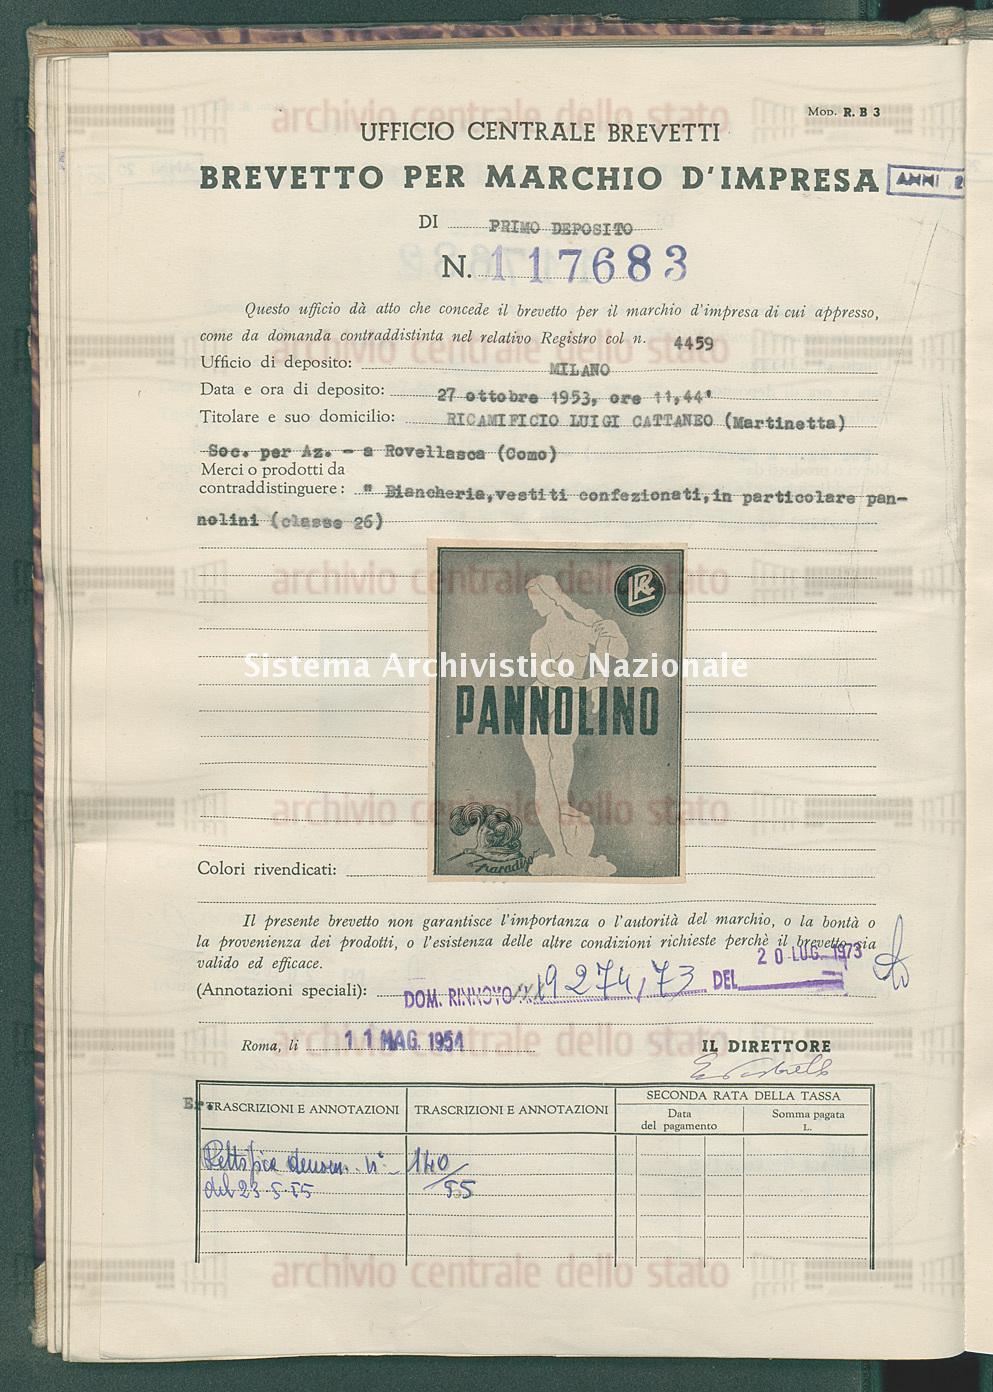 'Biancheria, vestiti confezionati in particolare pannolini Ricamificio Luigi Cattaneo (Martinetta) Soc.Per Az. (10/05/1954)